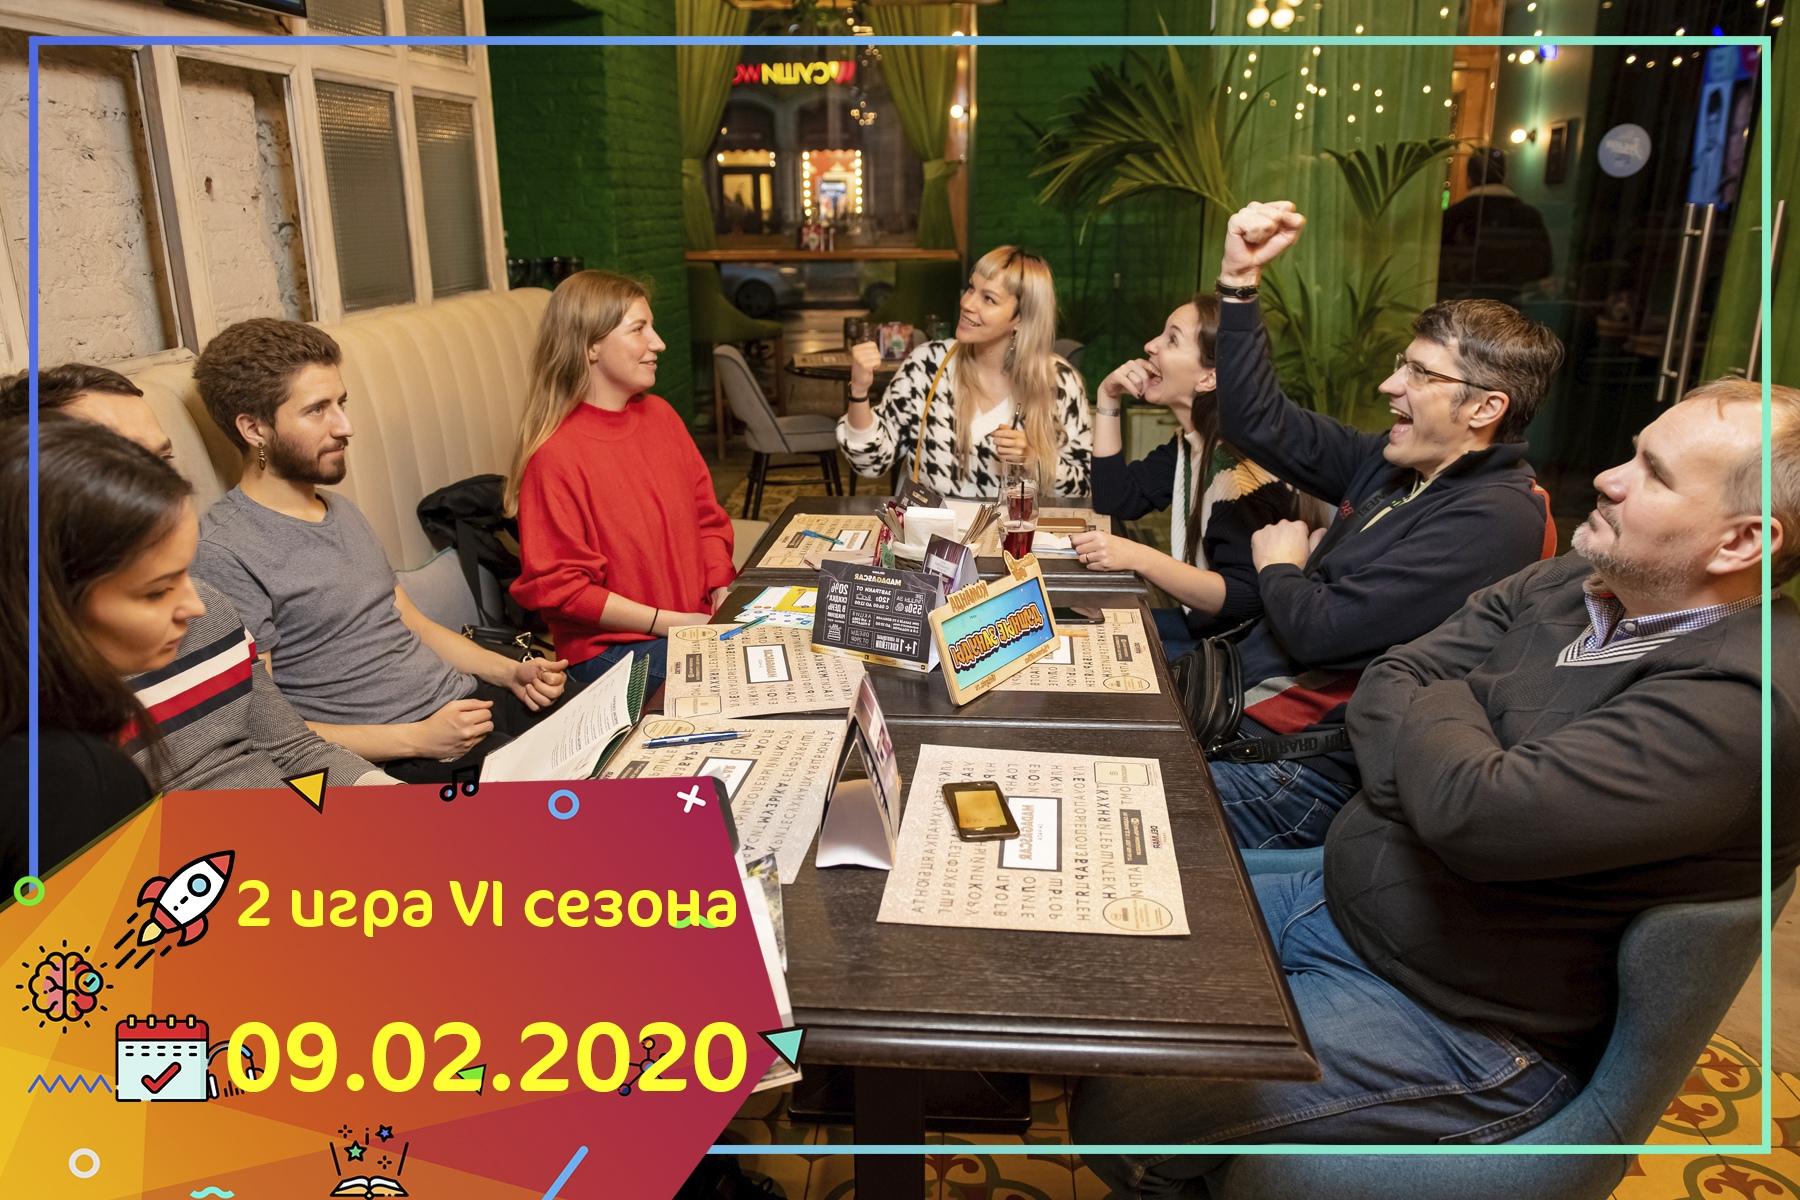 Игра №2 VI сезона Улётный квиз 09.02.2020 (185 фото)